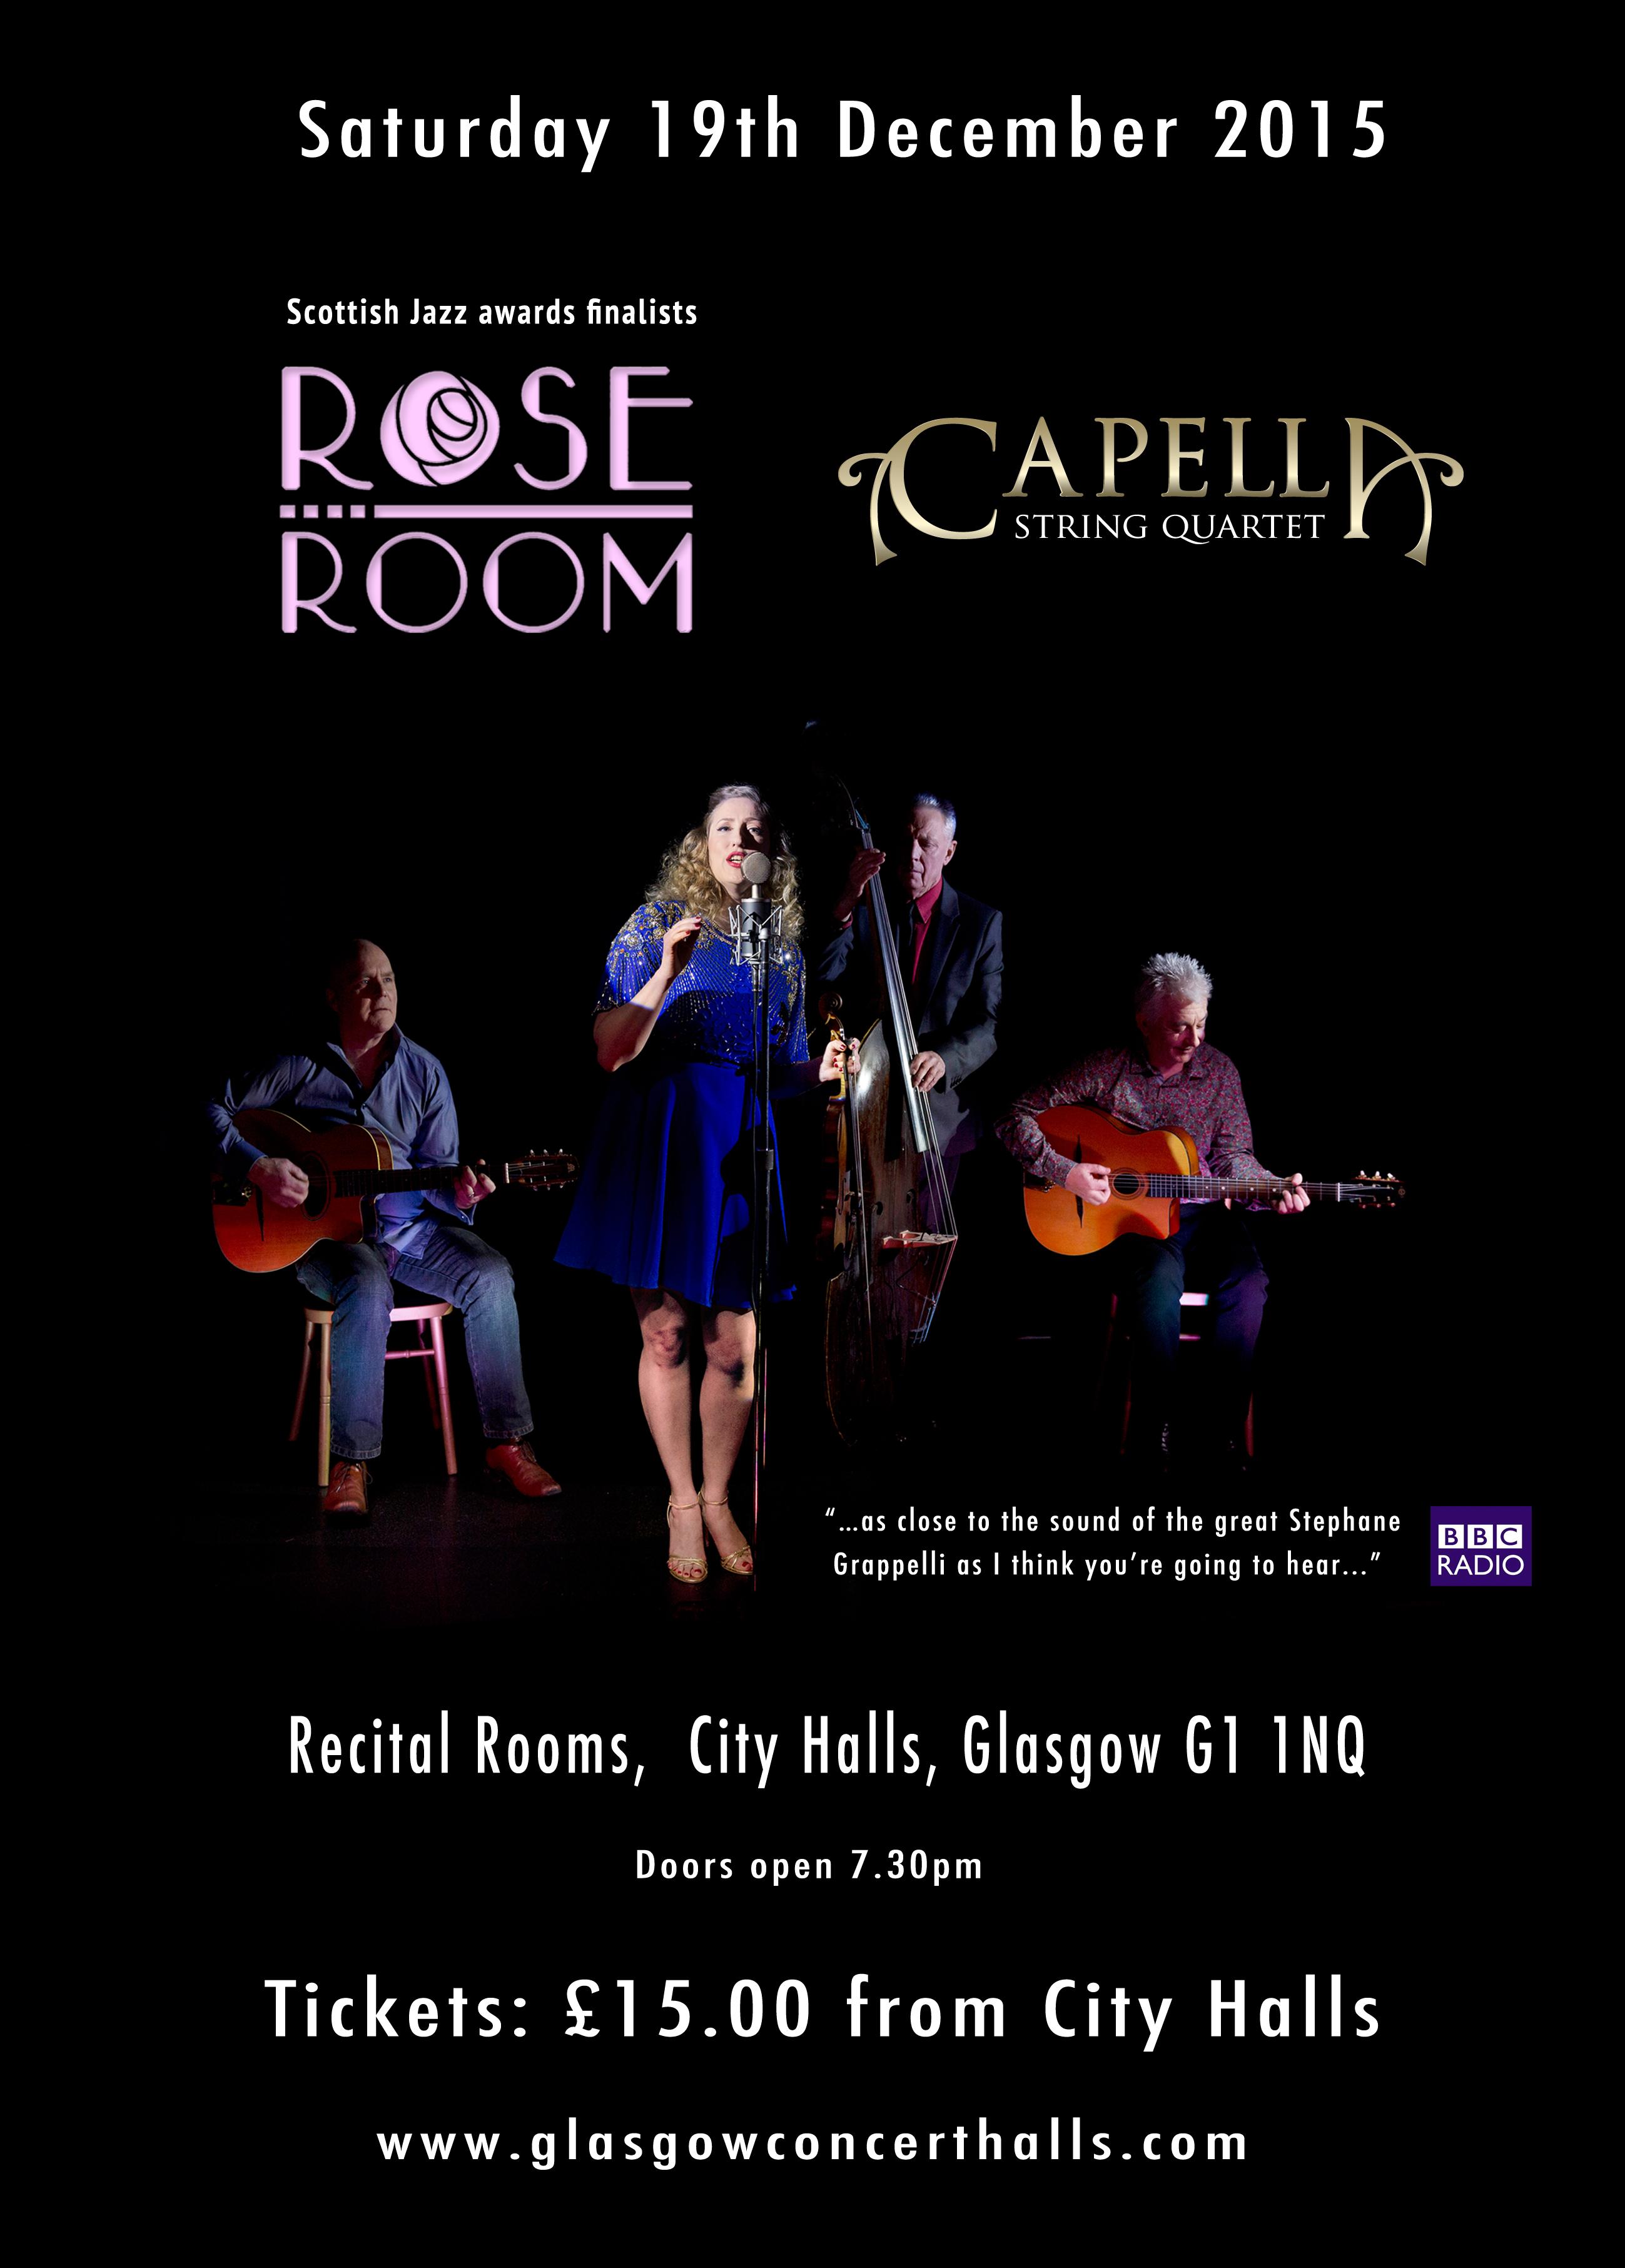 Rose Room with Capella String Quartet 2015